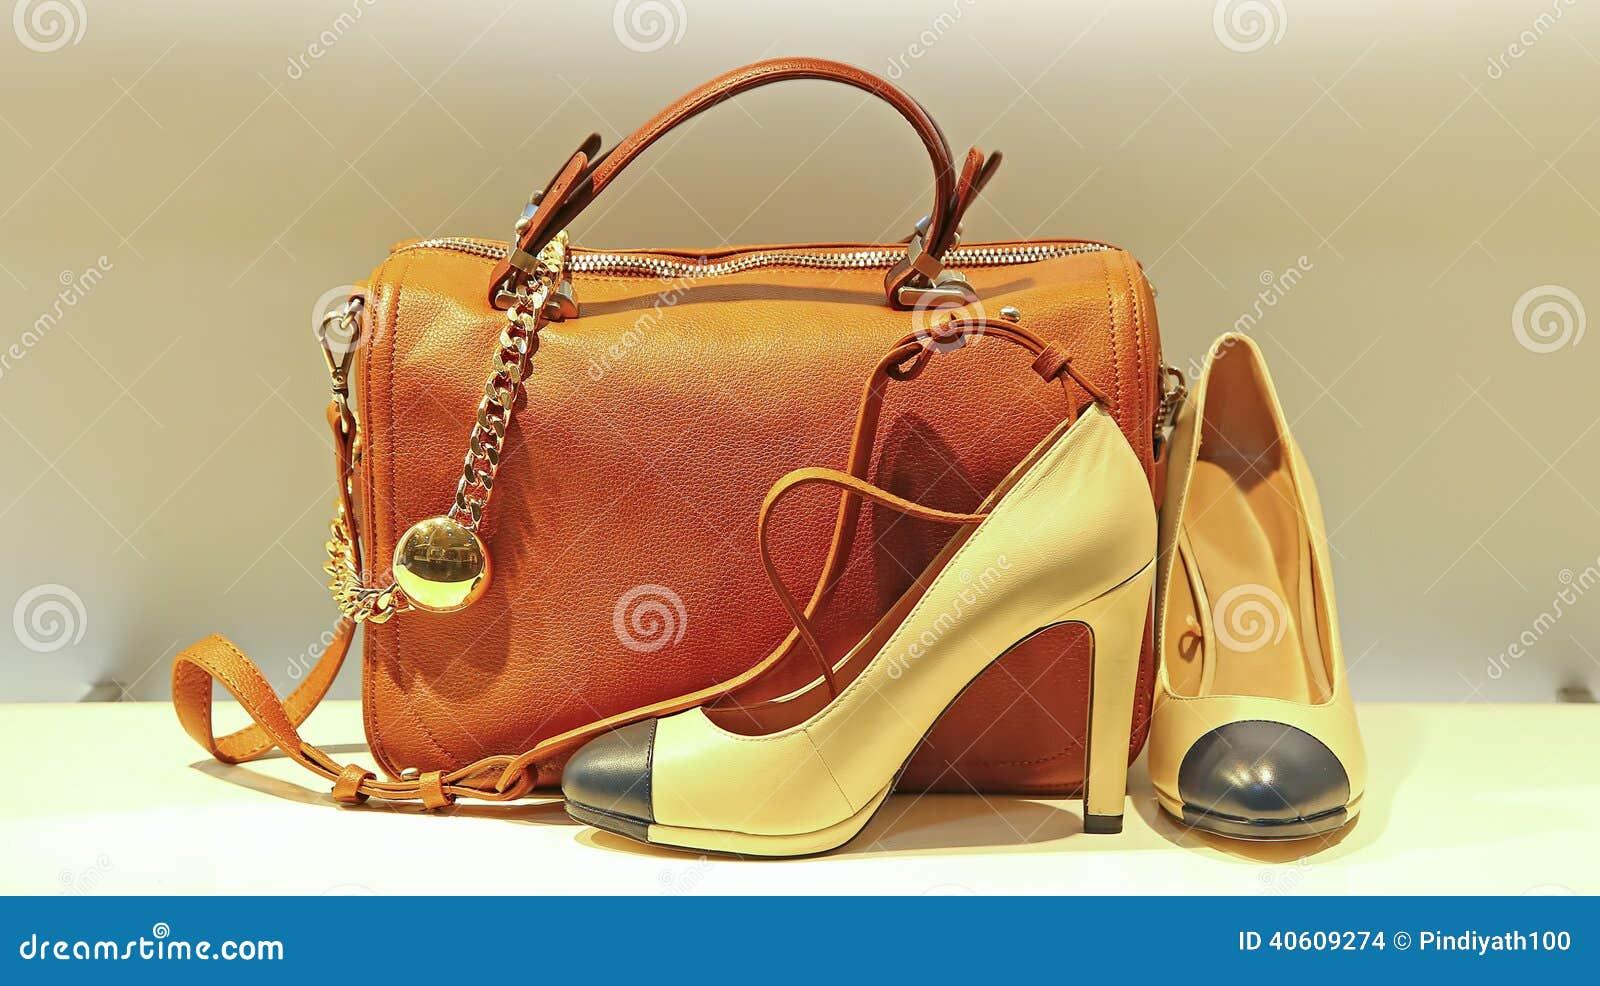 16fb9e6867a61 Die Handtaschen Und Die Schuhe Der Frauen Stockfoto - Bild von ...